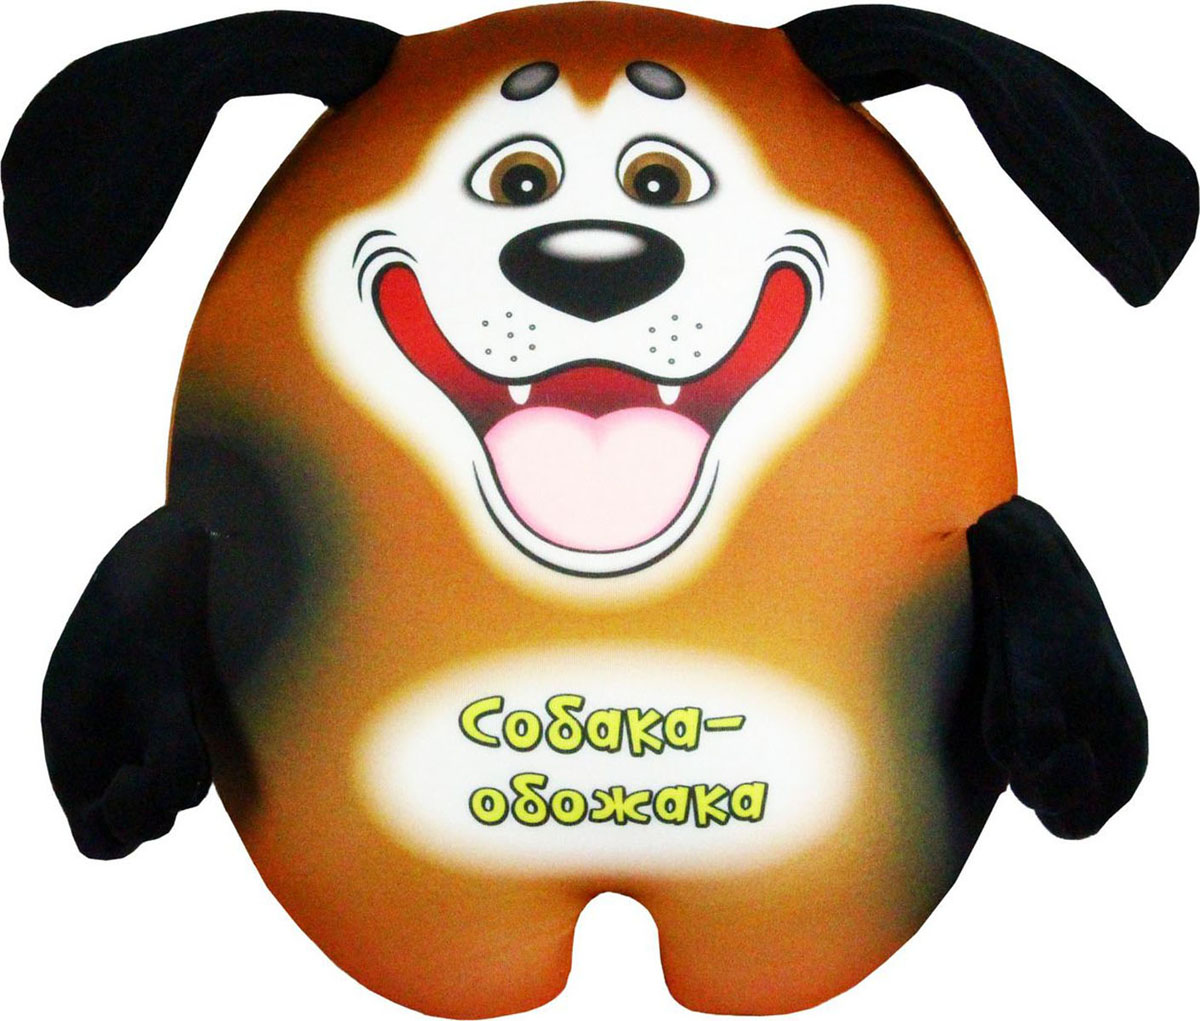 """Подушка-игрушка Штучки, к которым тянутся ручки Антистрессовая """"Собака с характером. Обожака"""" мал., оранжевый, черный"""